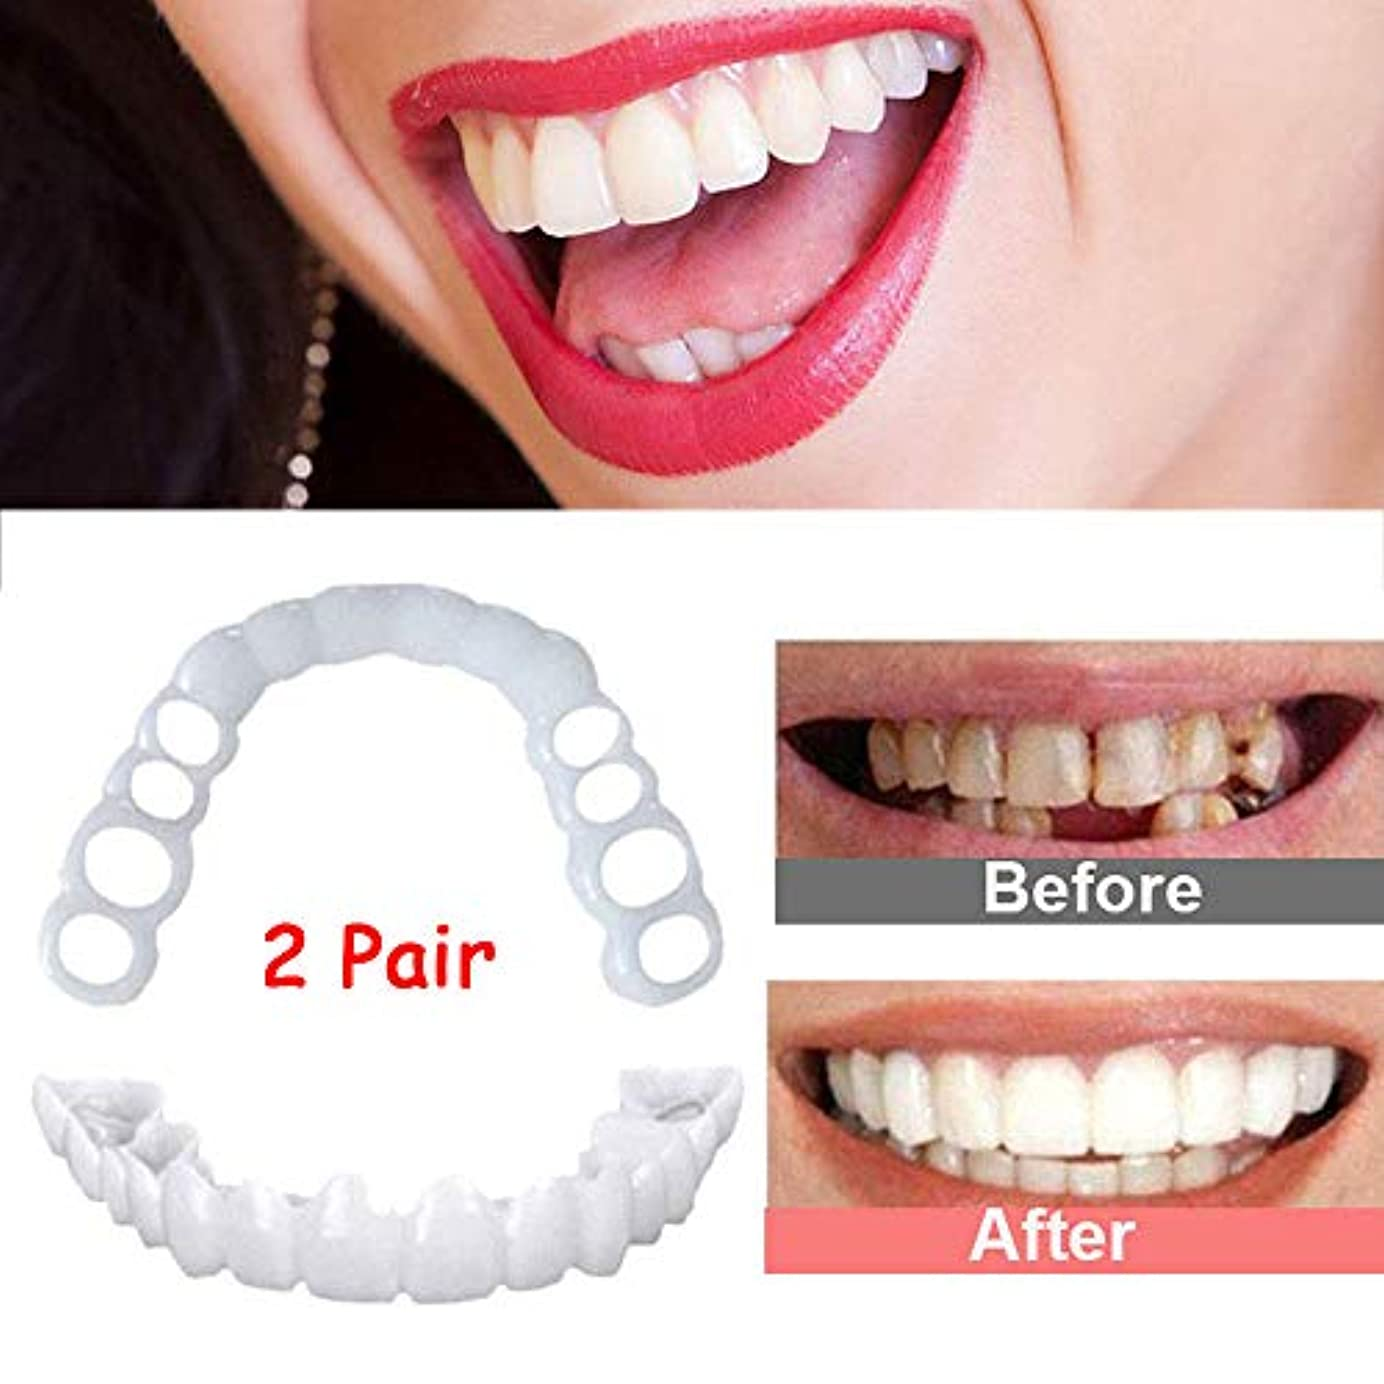 オリエンタル午後チームパーフェクトスマイルの2ペアの再利用可能なスナップが数分でホワイトニング義歯フィットフレックス化粧品の歯快適なベニヤカバーデンタルケアアクセサリーボックス付き